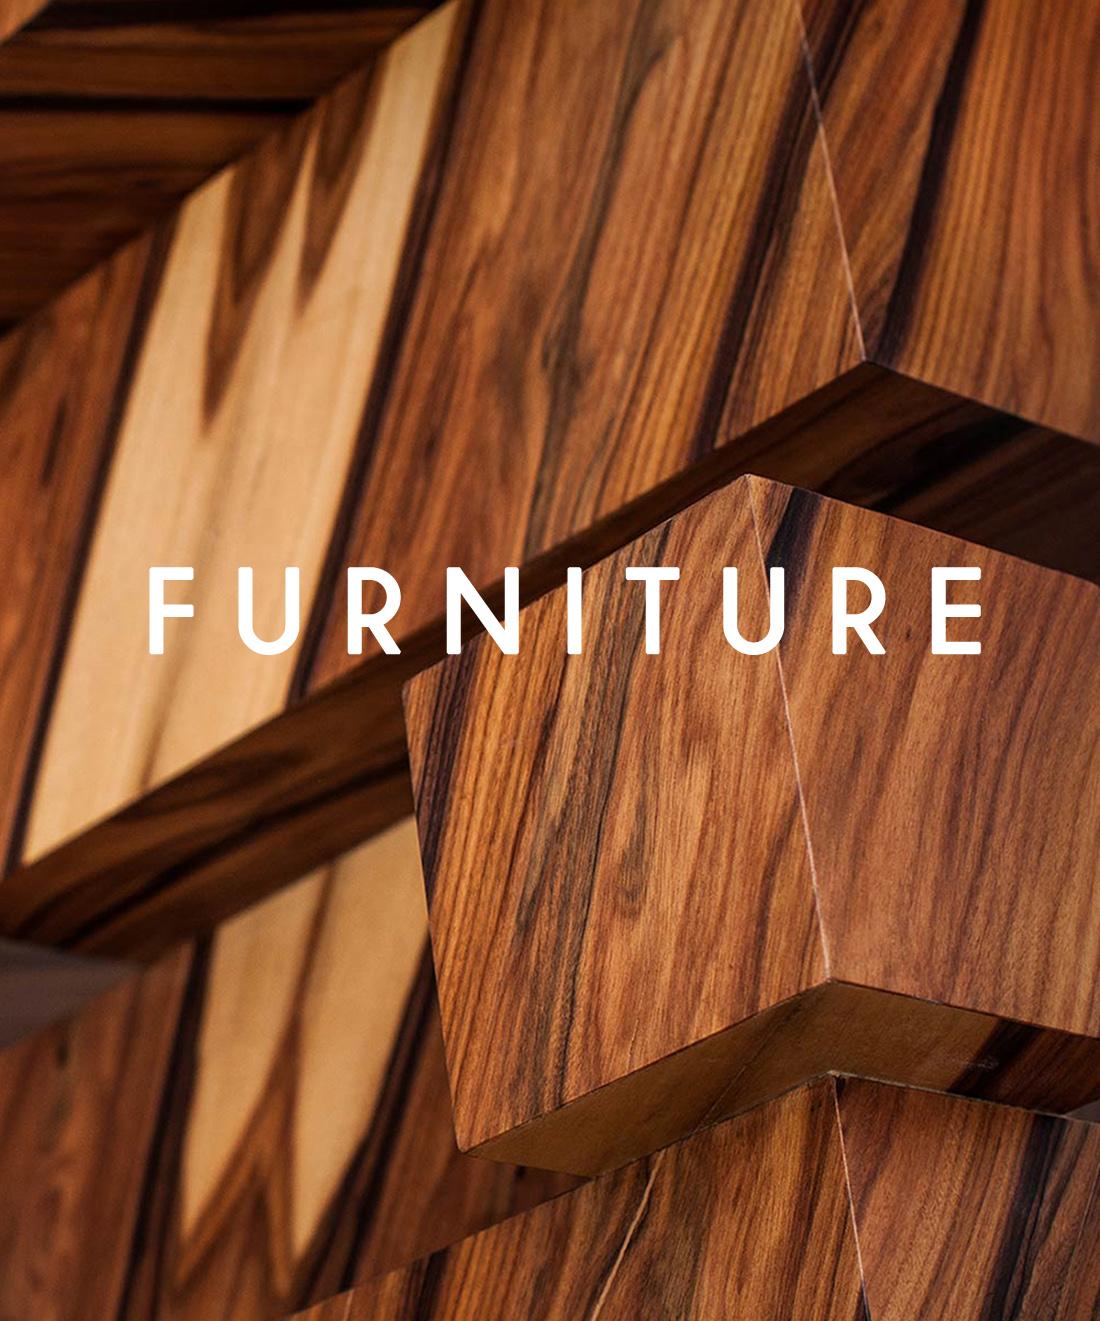 Furniture by Amarist studio